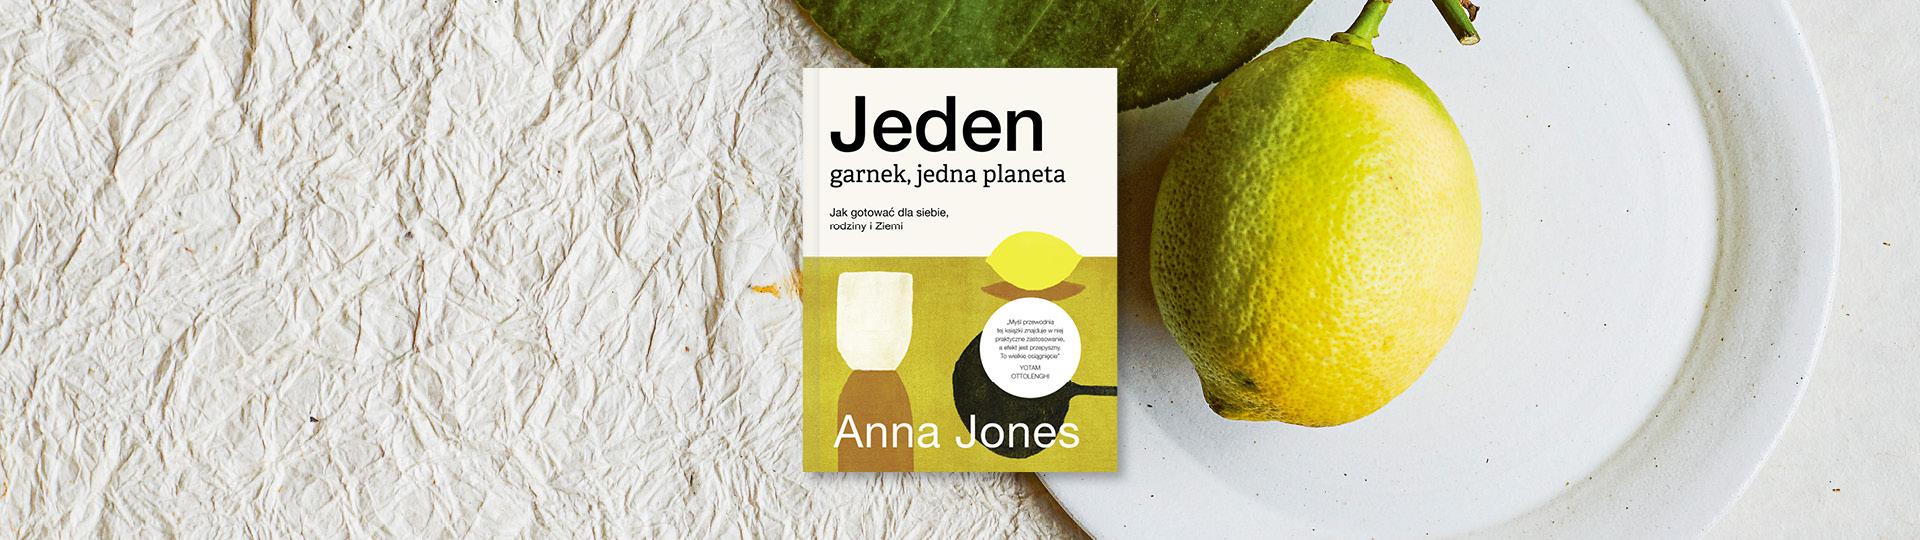 Anna Jones, Jeden garnek, jedna planeta